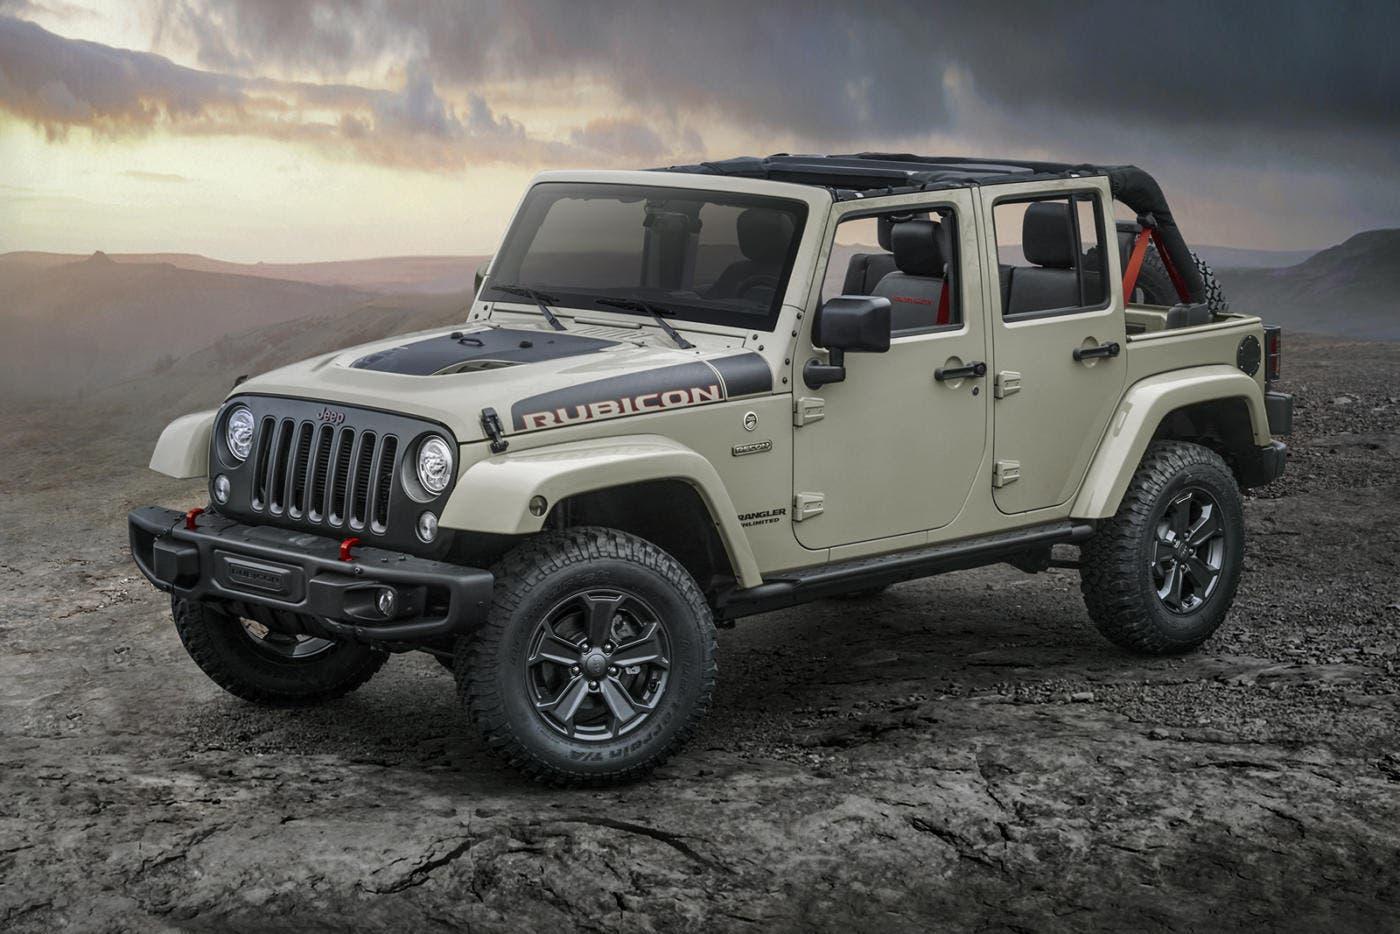 Jeep Wrangler Audio Jeep Wrangler Rubicon Recon: versione estrema del Suv